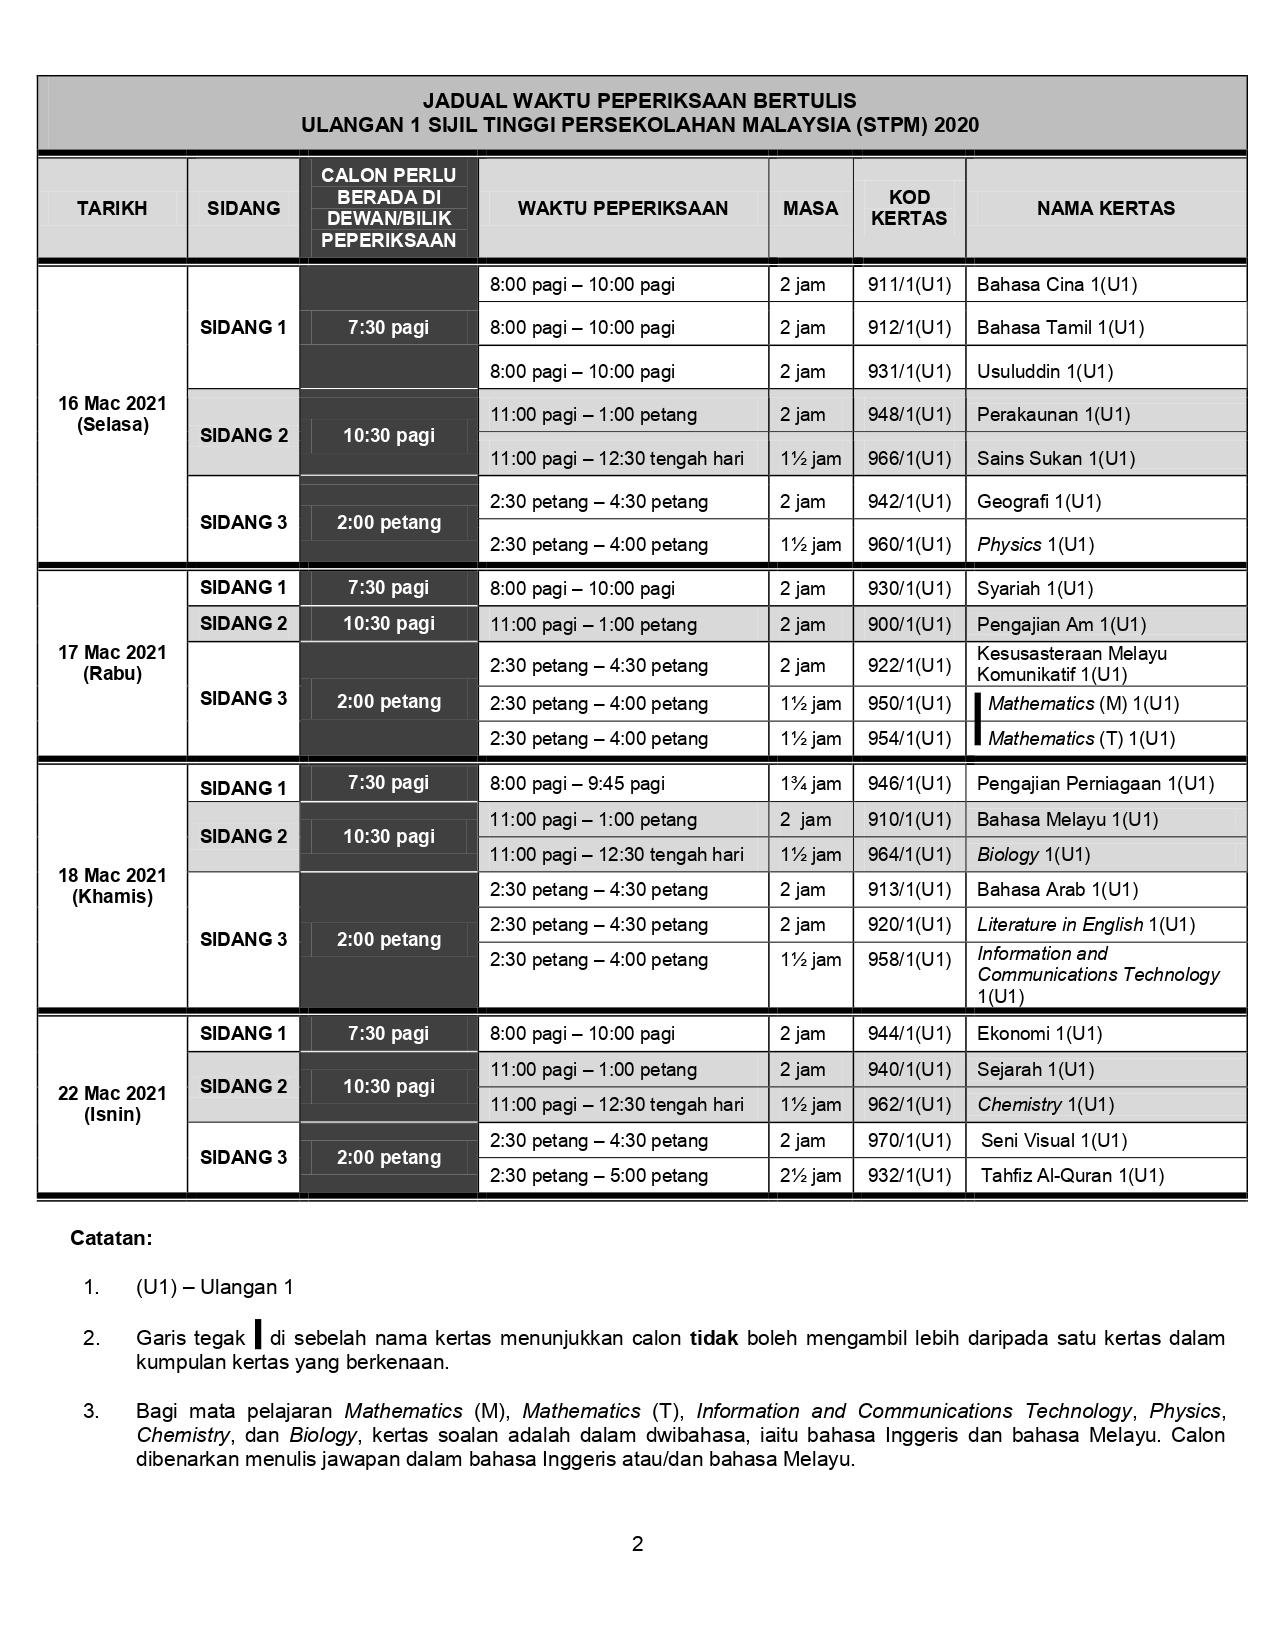 jadual peperiksaan stpm ulangan sem 1 2020